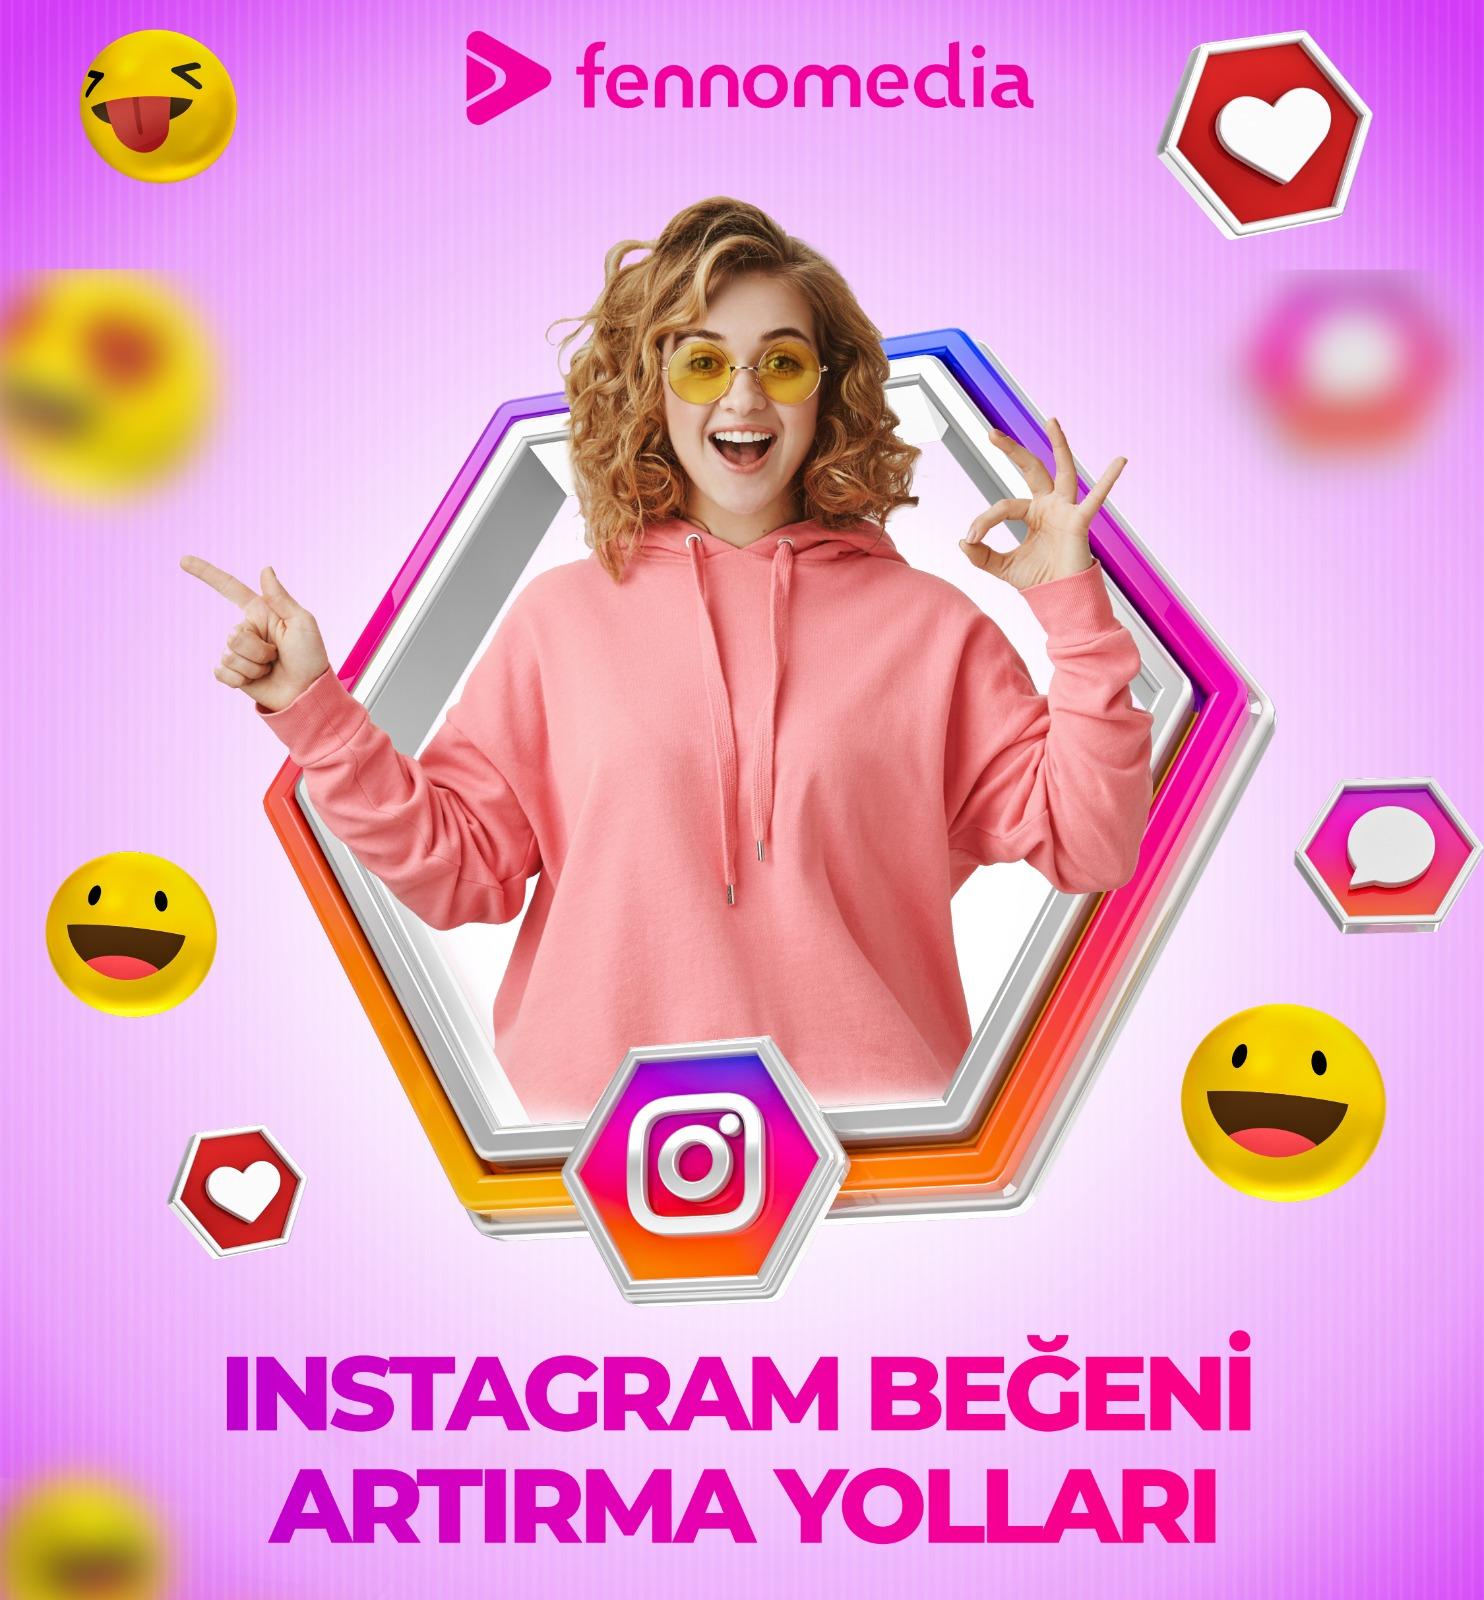 Instagram beğeni artırma yolları